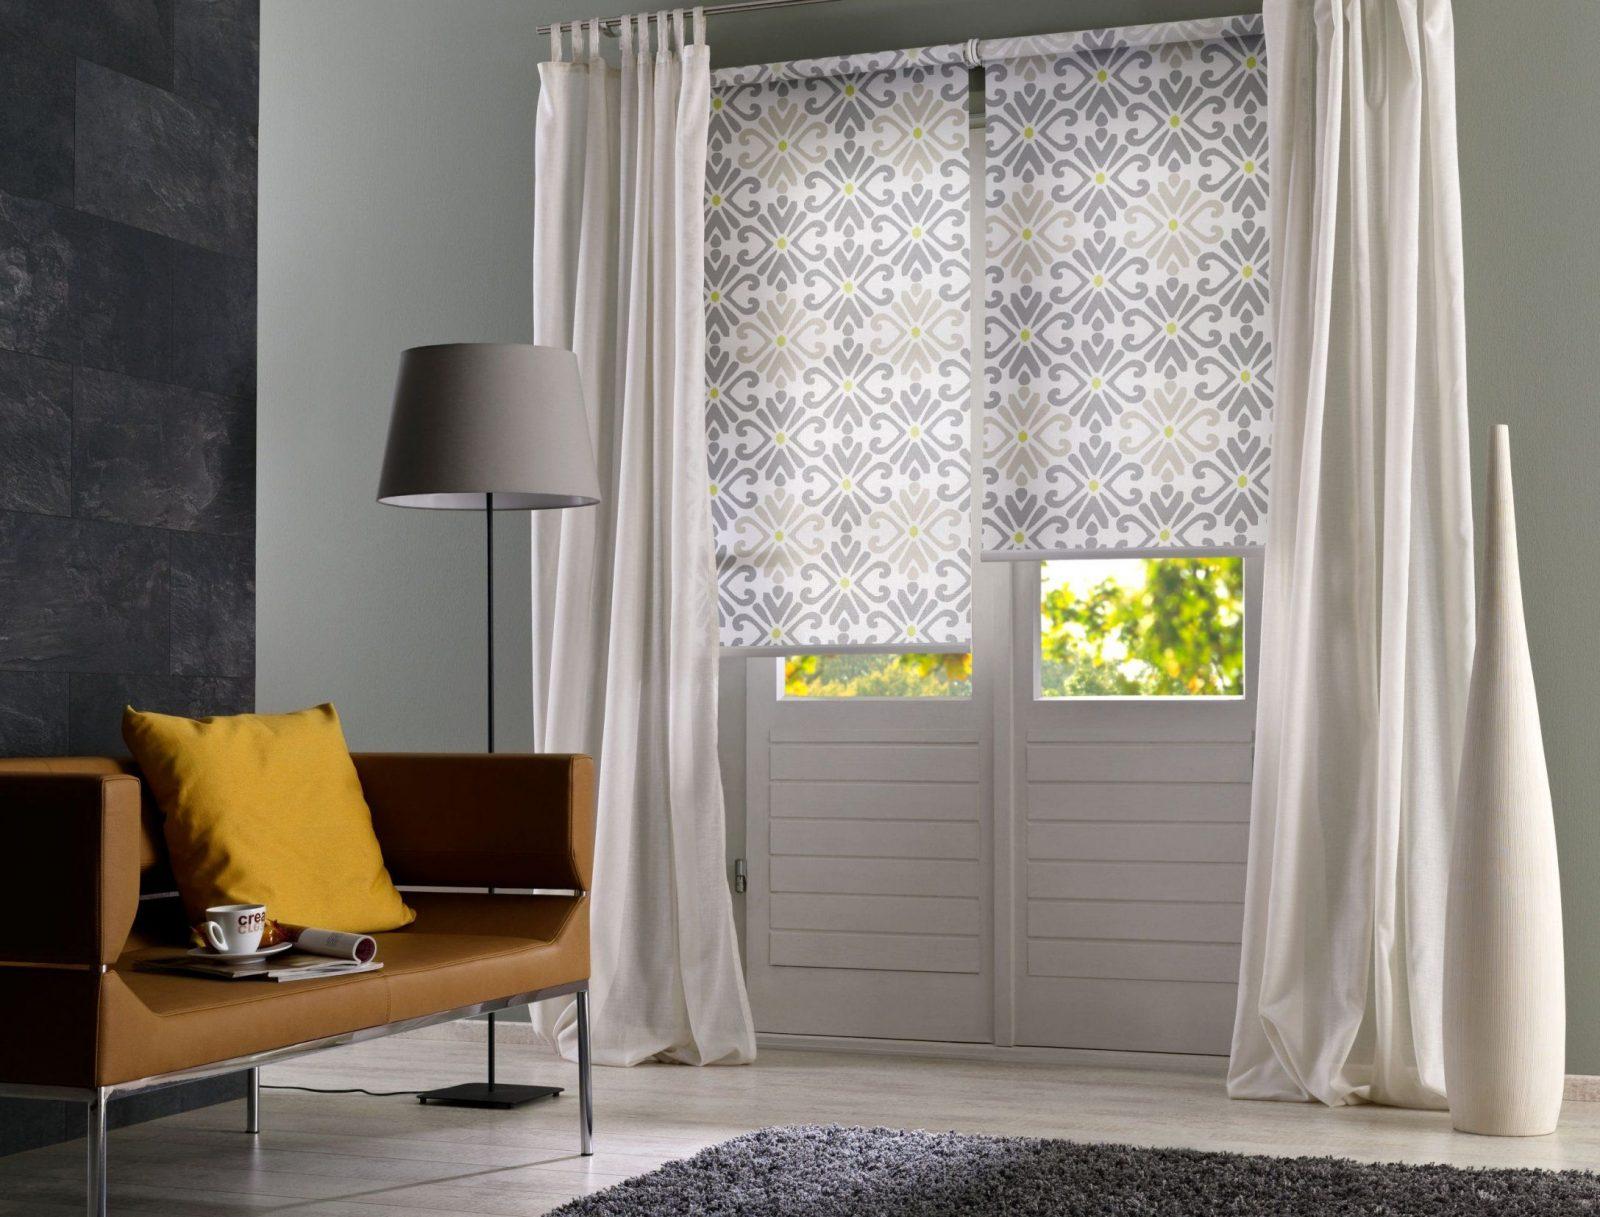 35 Frisch Deko Ideen Gardinen  Dekoration Ideen Galerie von Gardinen Ideen Für Kleine Fenster Bild